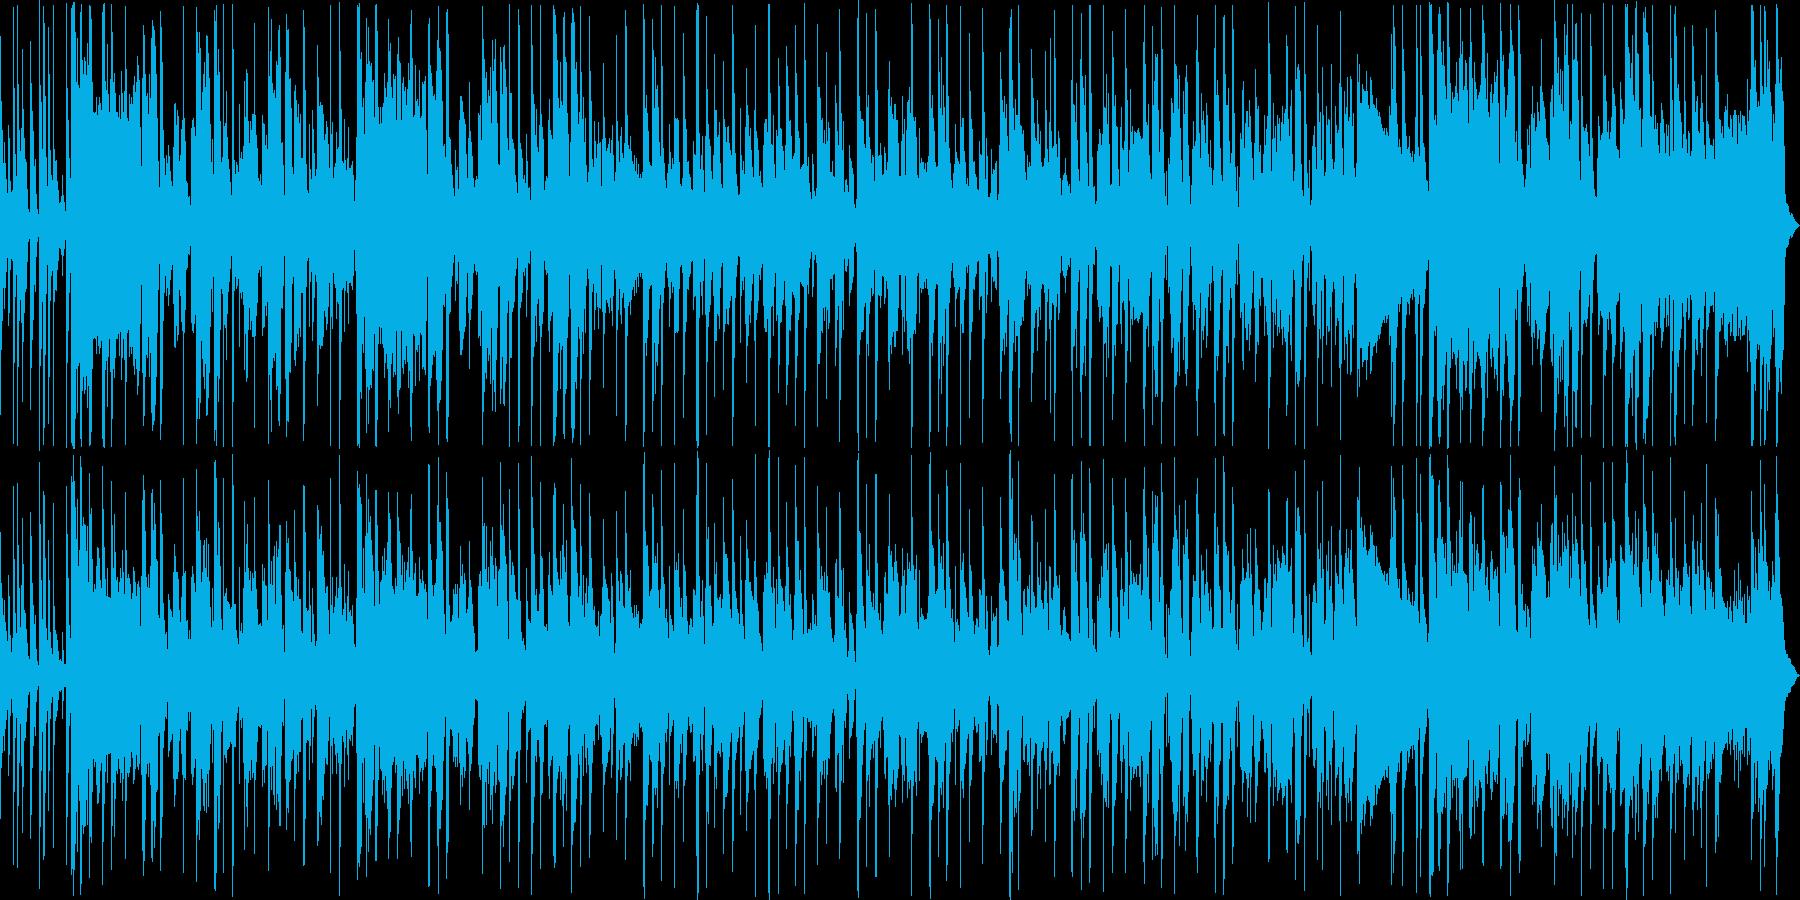 クールで自信に満ちたファンクトラックの再生済みの波形